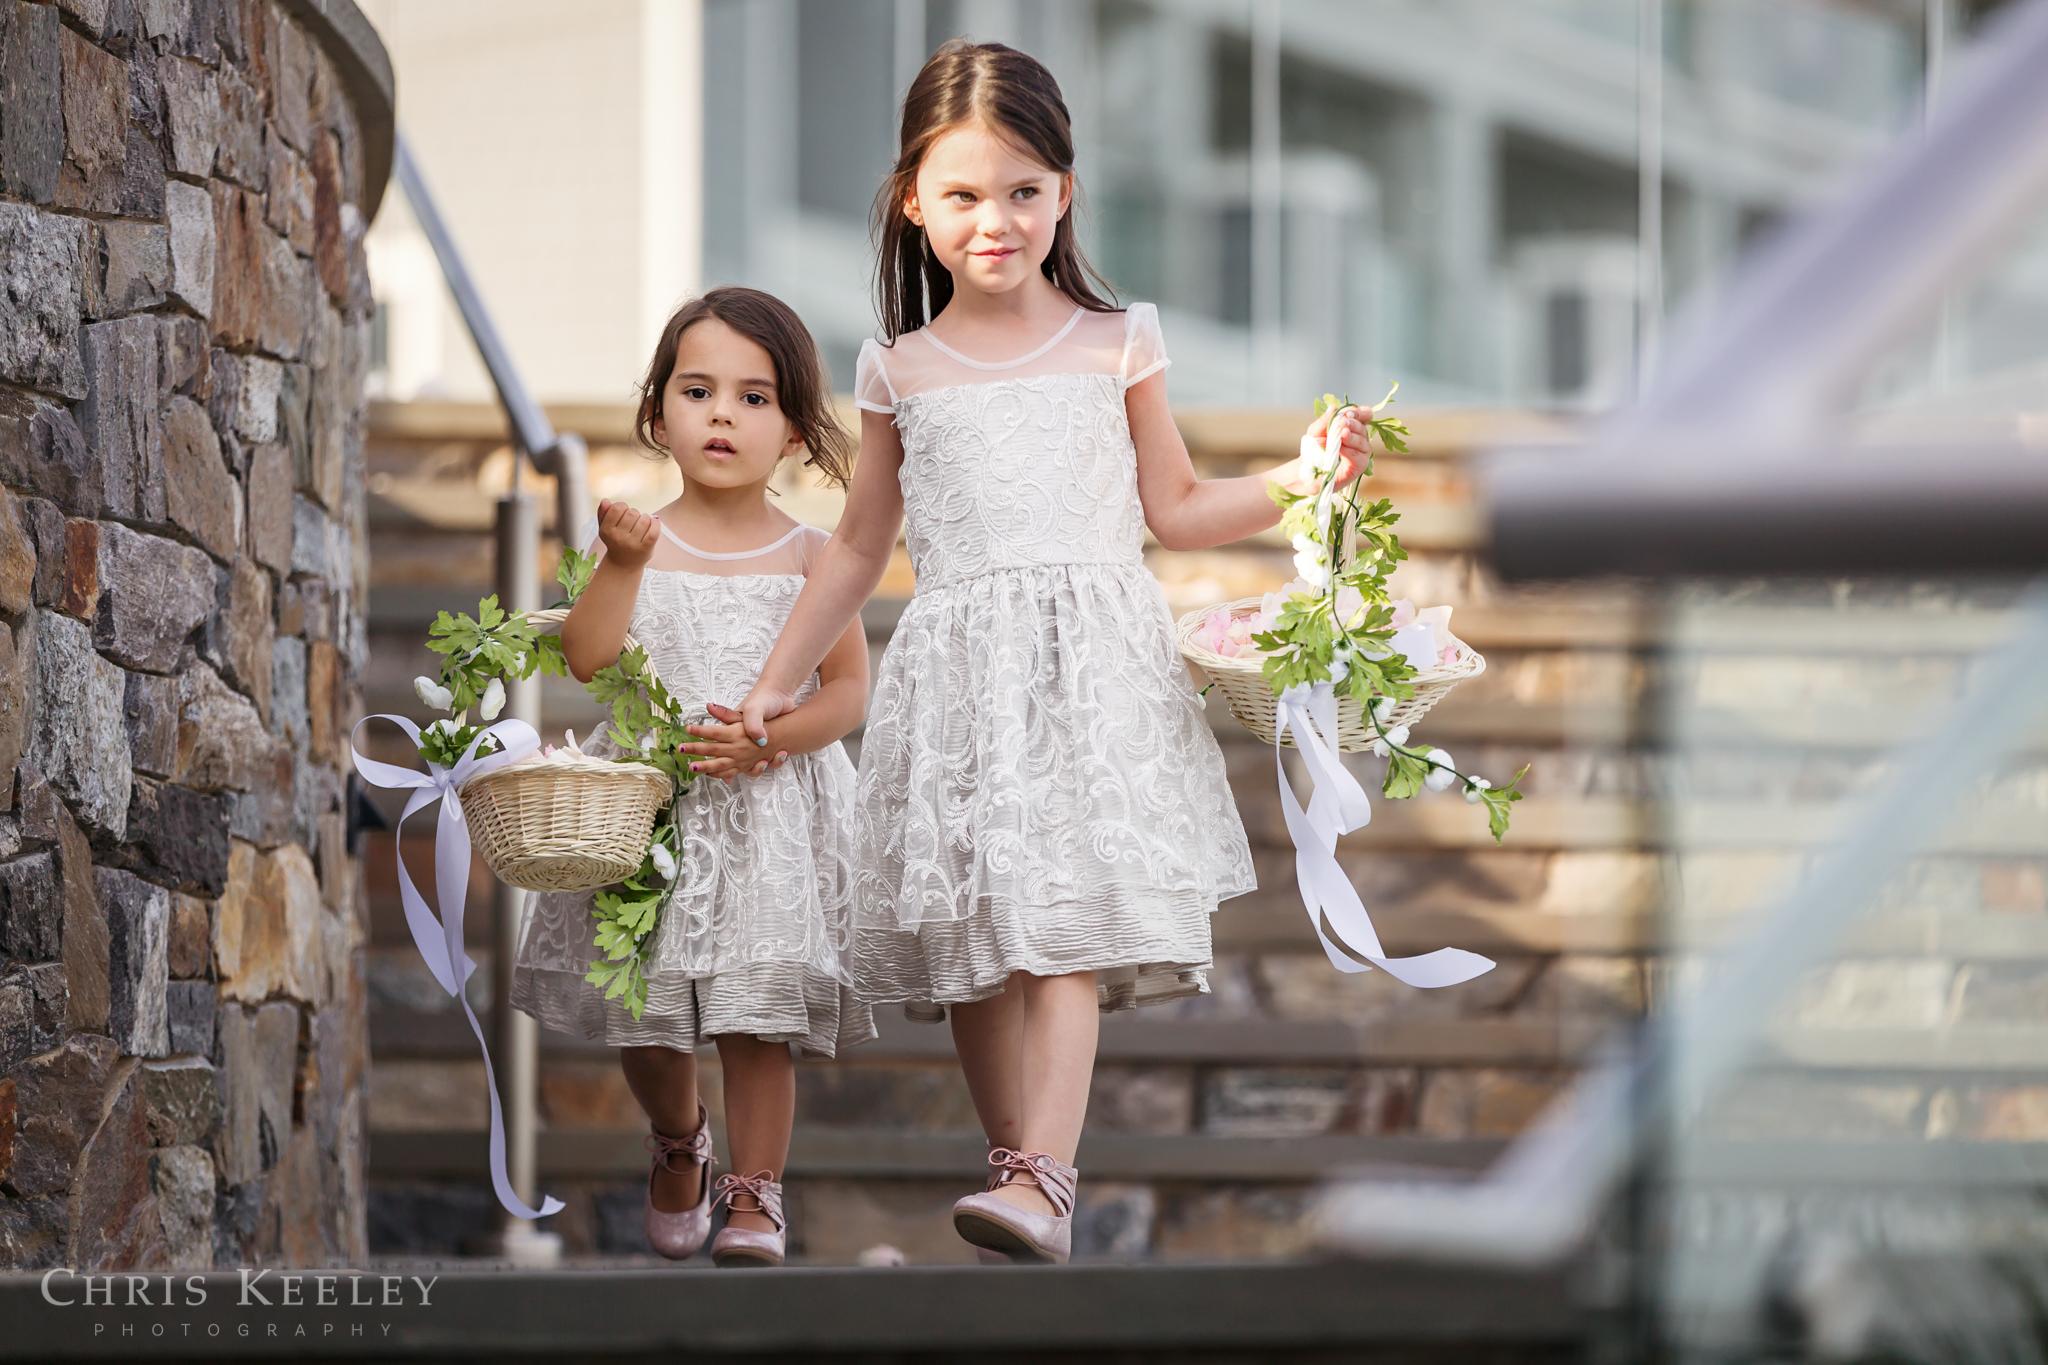 cliff-house-maine-wedding-photographer-chris-keeley-49.jpg